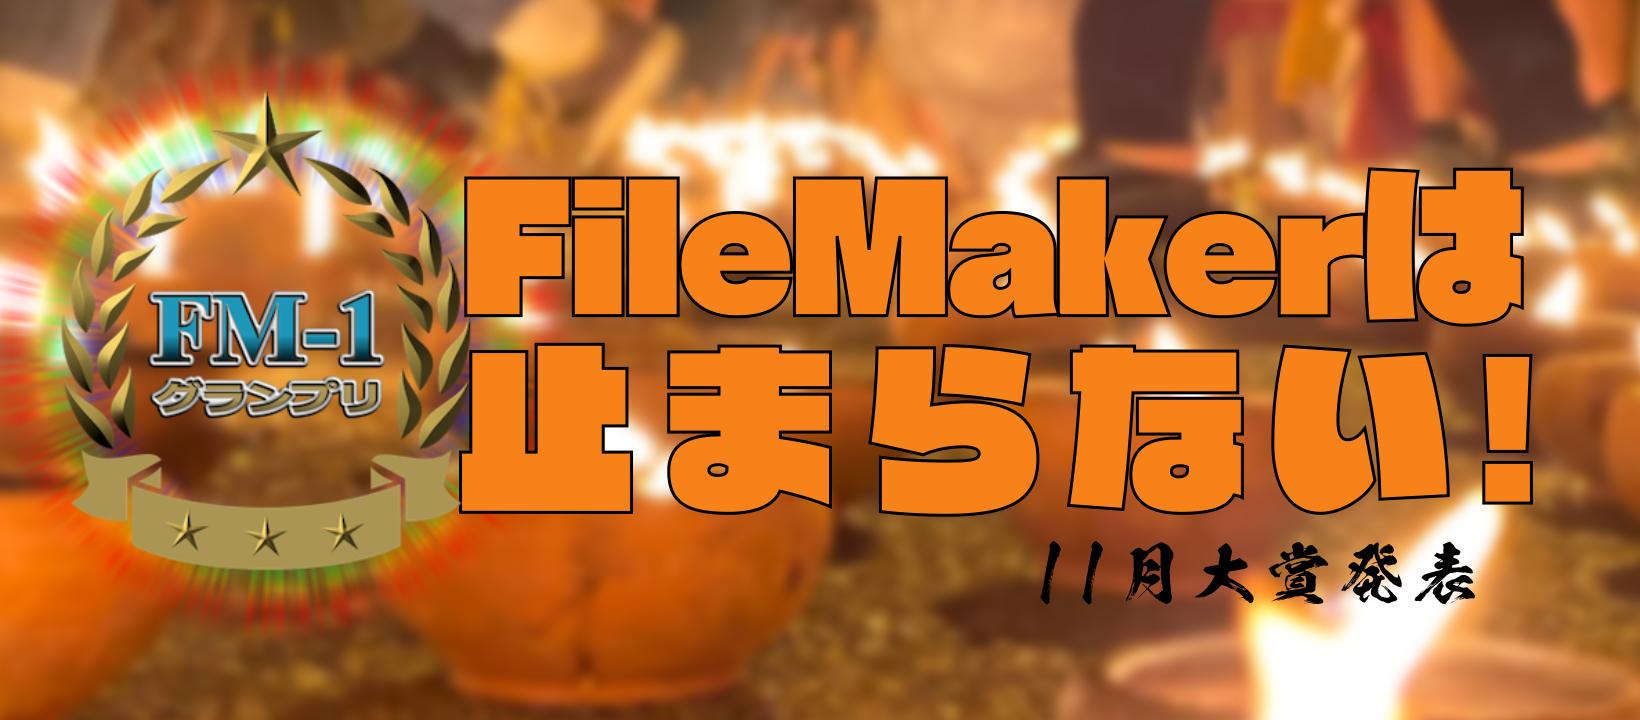 プロ・アマ問わず、FileMakerで作ったとにかくスゴいカスタムAppを決める『FM-1グランプリ』開催!